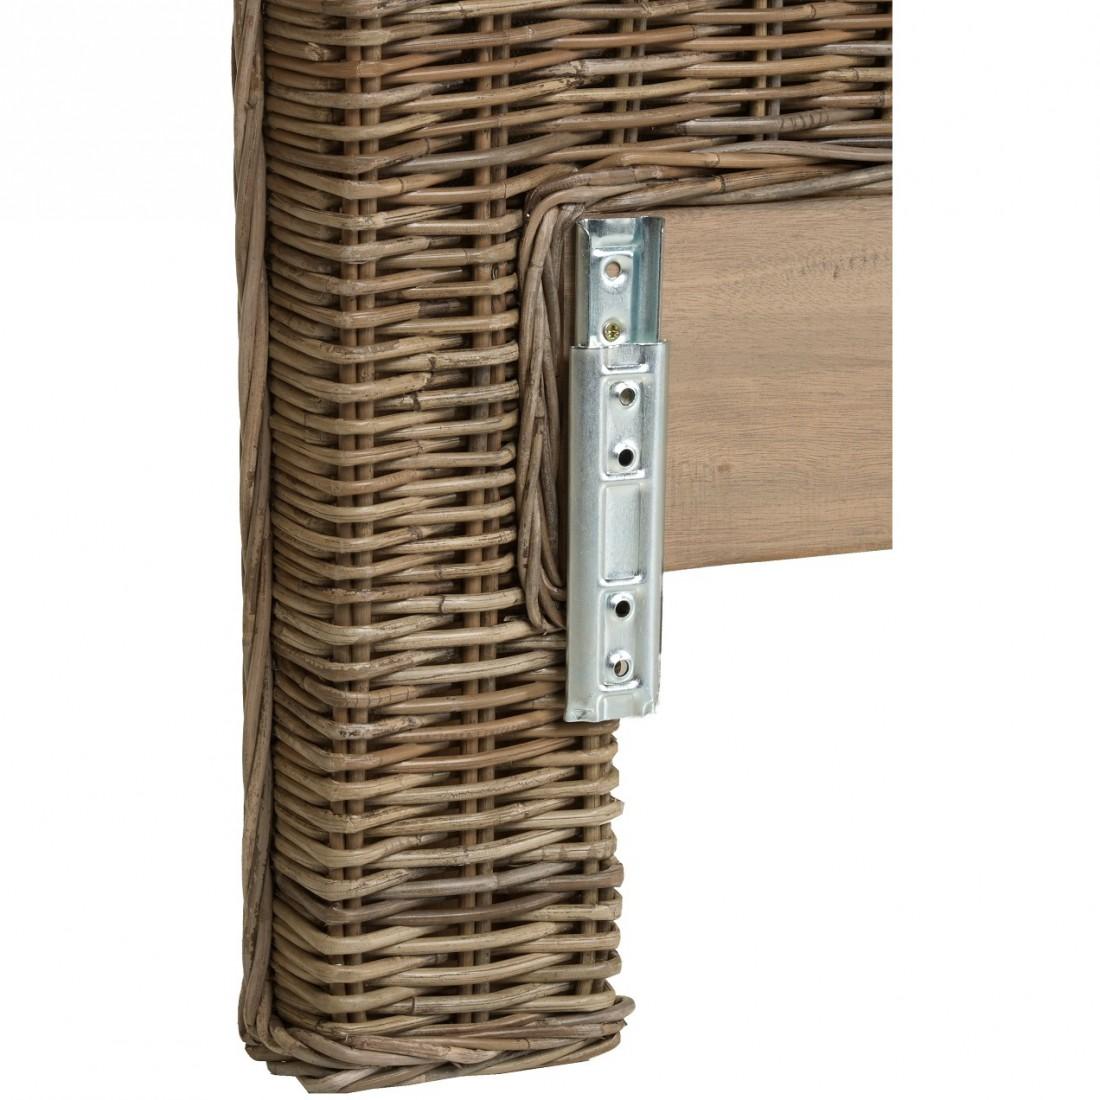 Kooboo Wicker Chair: Bed Fitting For KOK Headboard